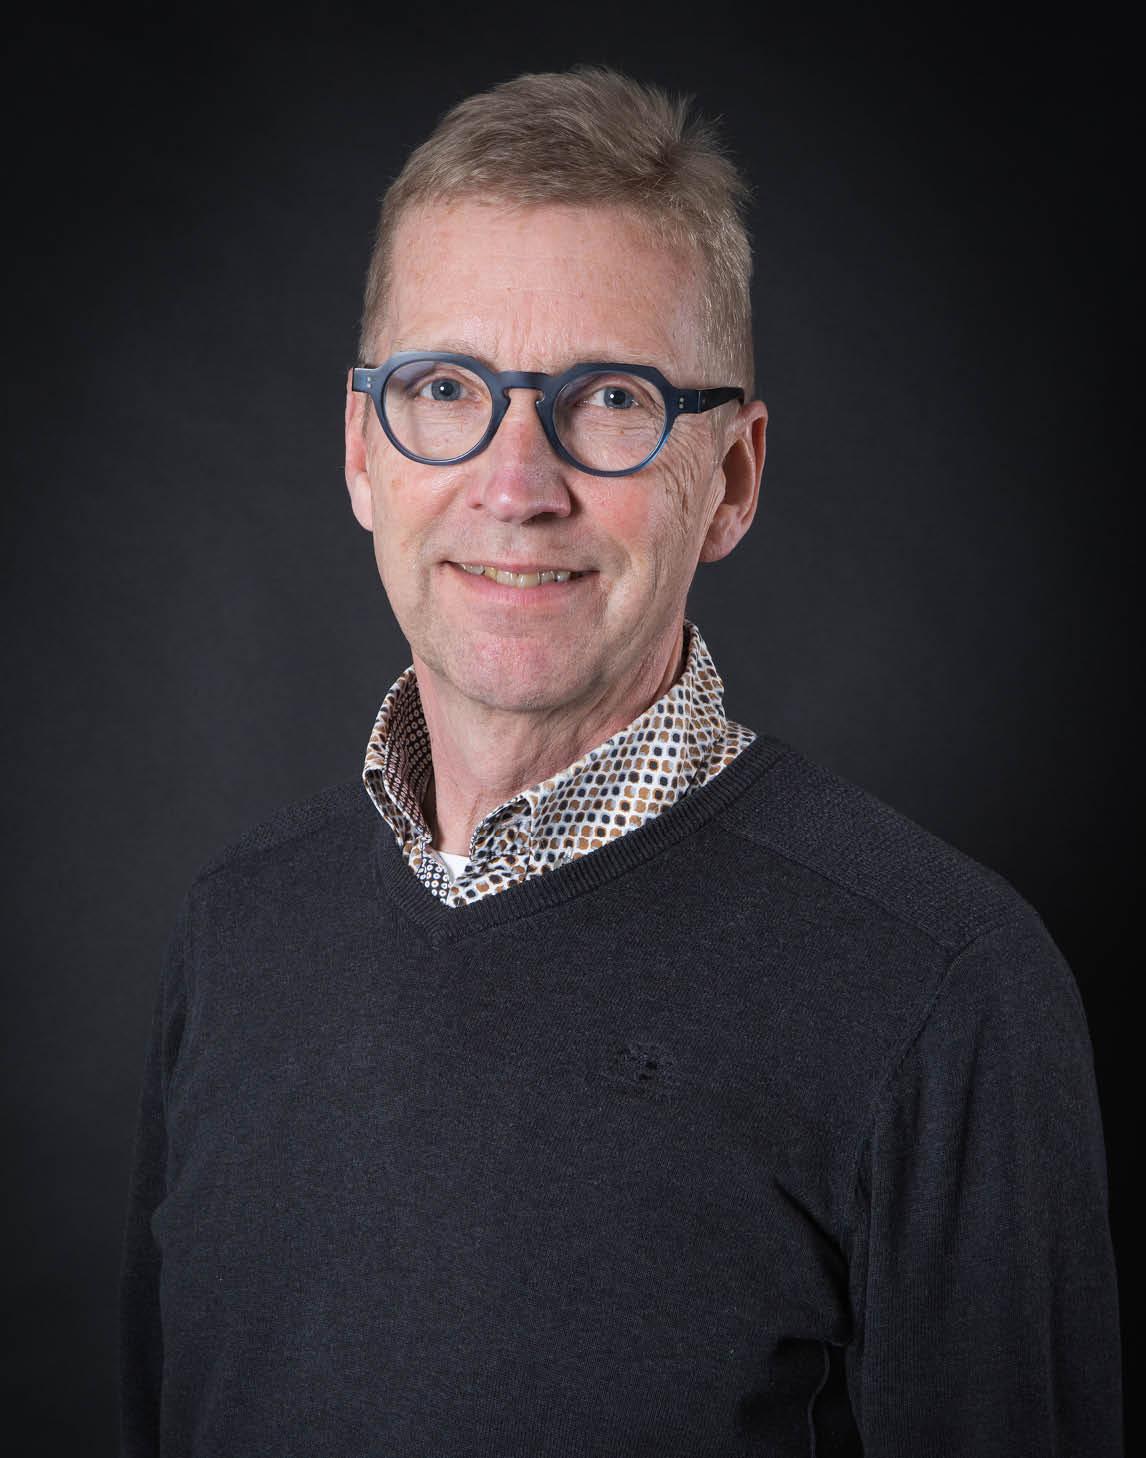 Paul van Outersterp